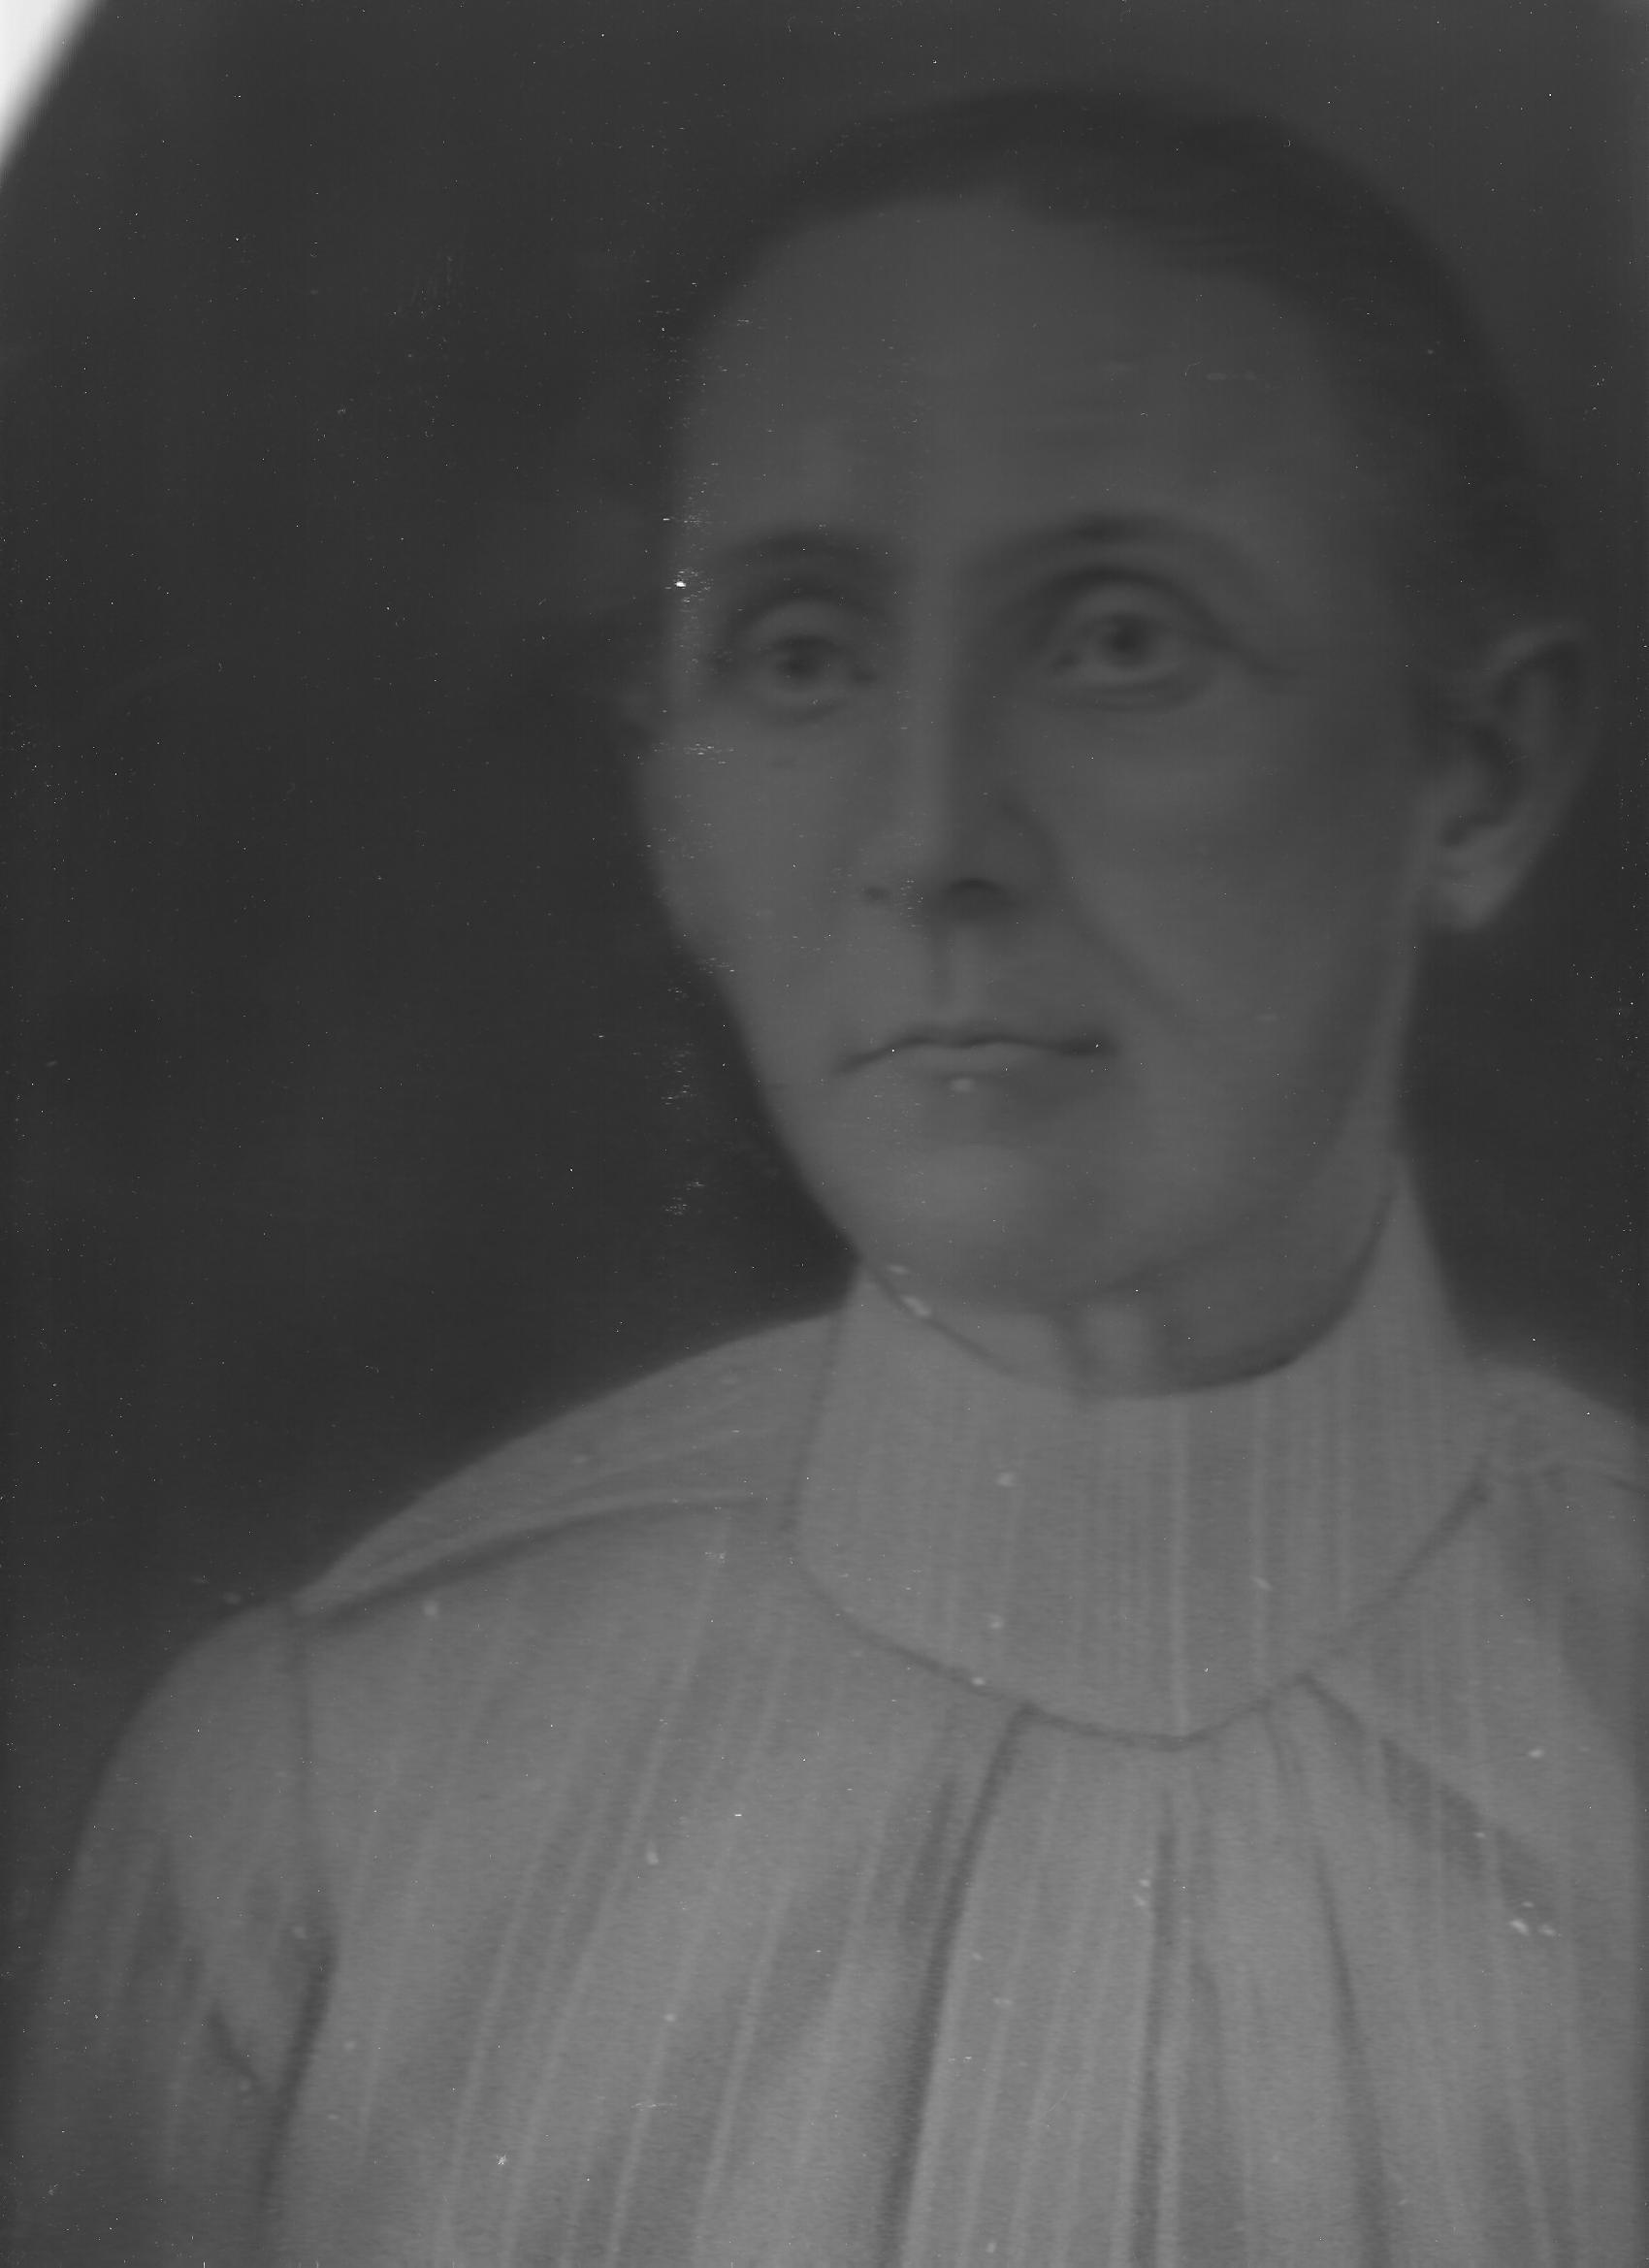 Mary Elenor Yeley